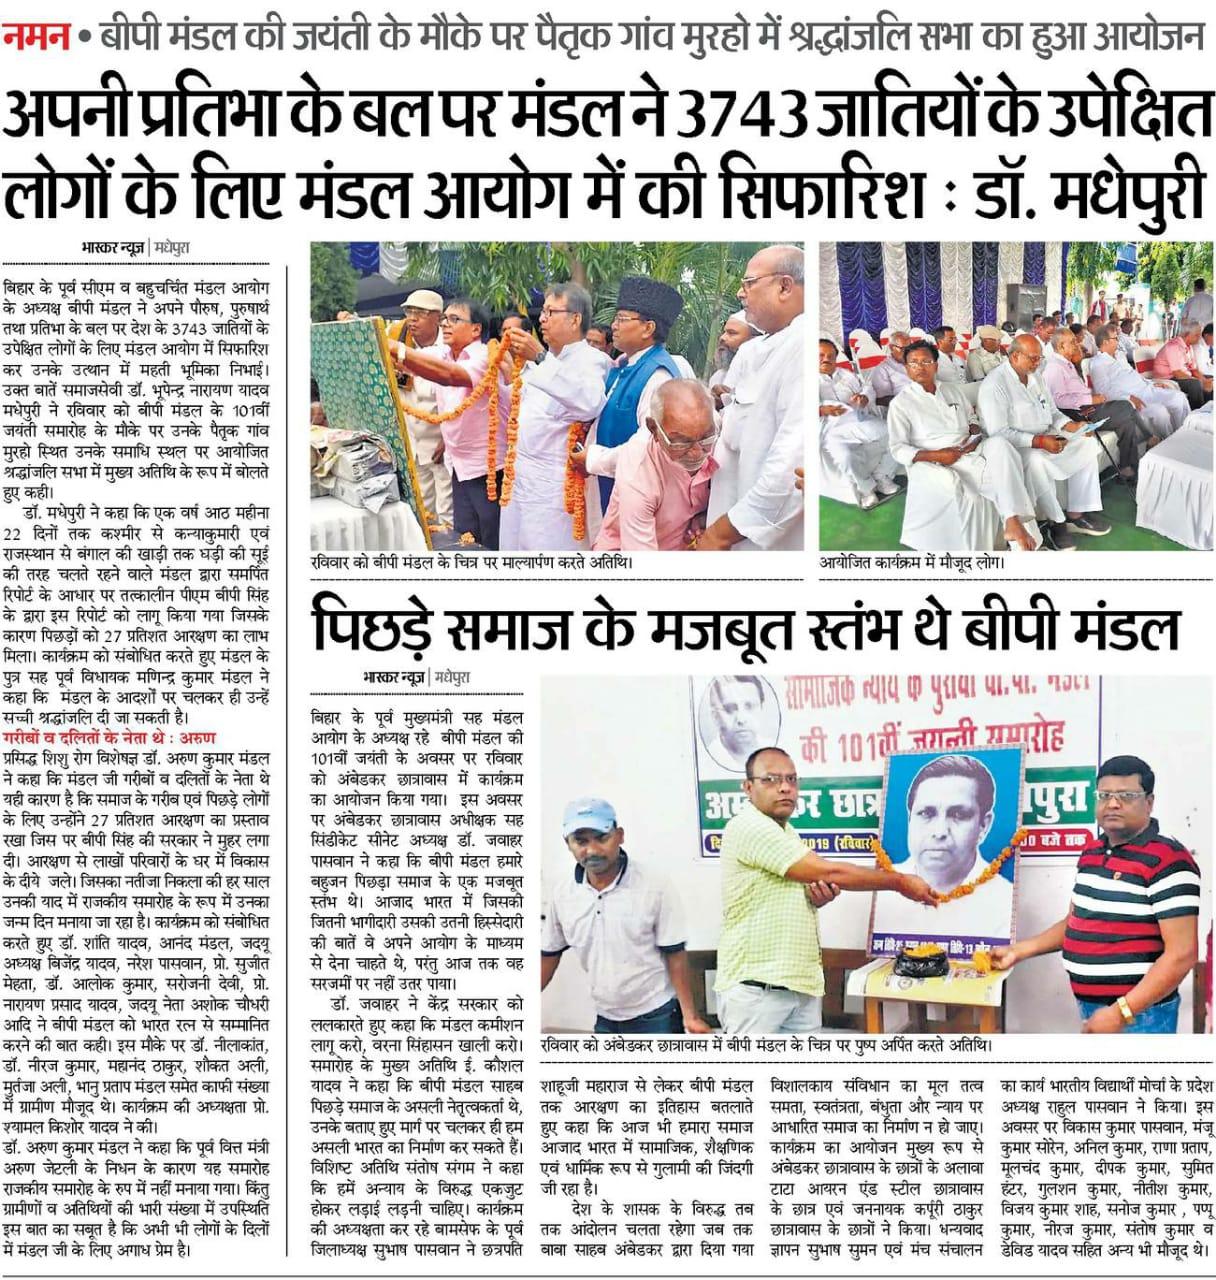 BP Mandal Rajkiya Jayanti Samaroh.